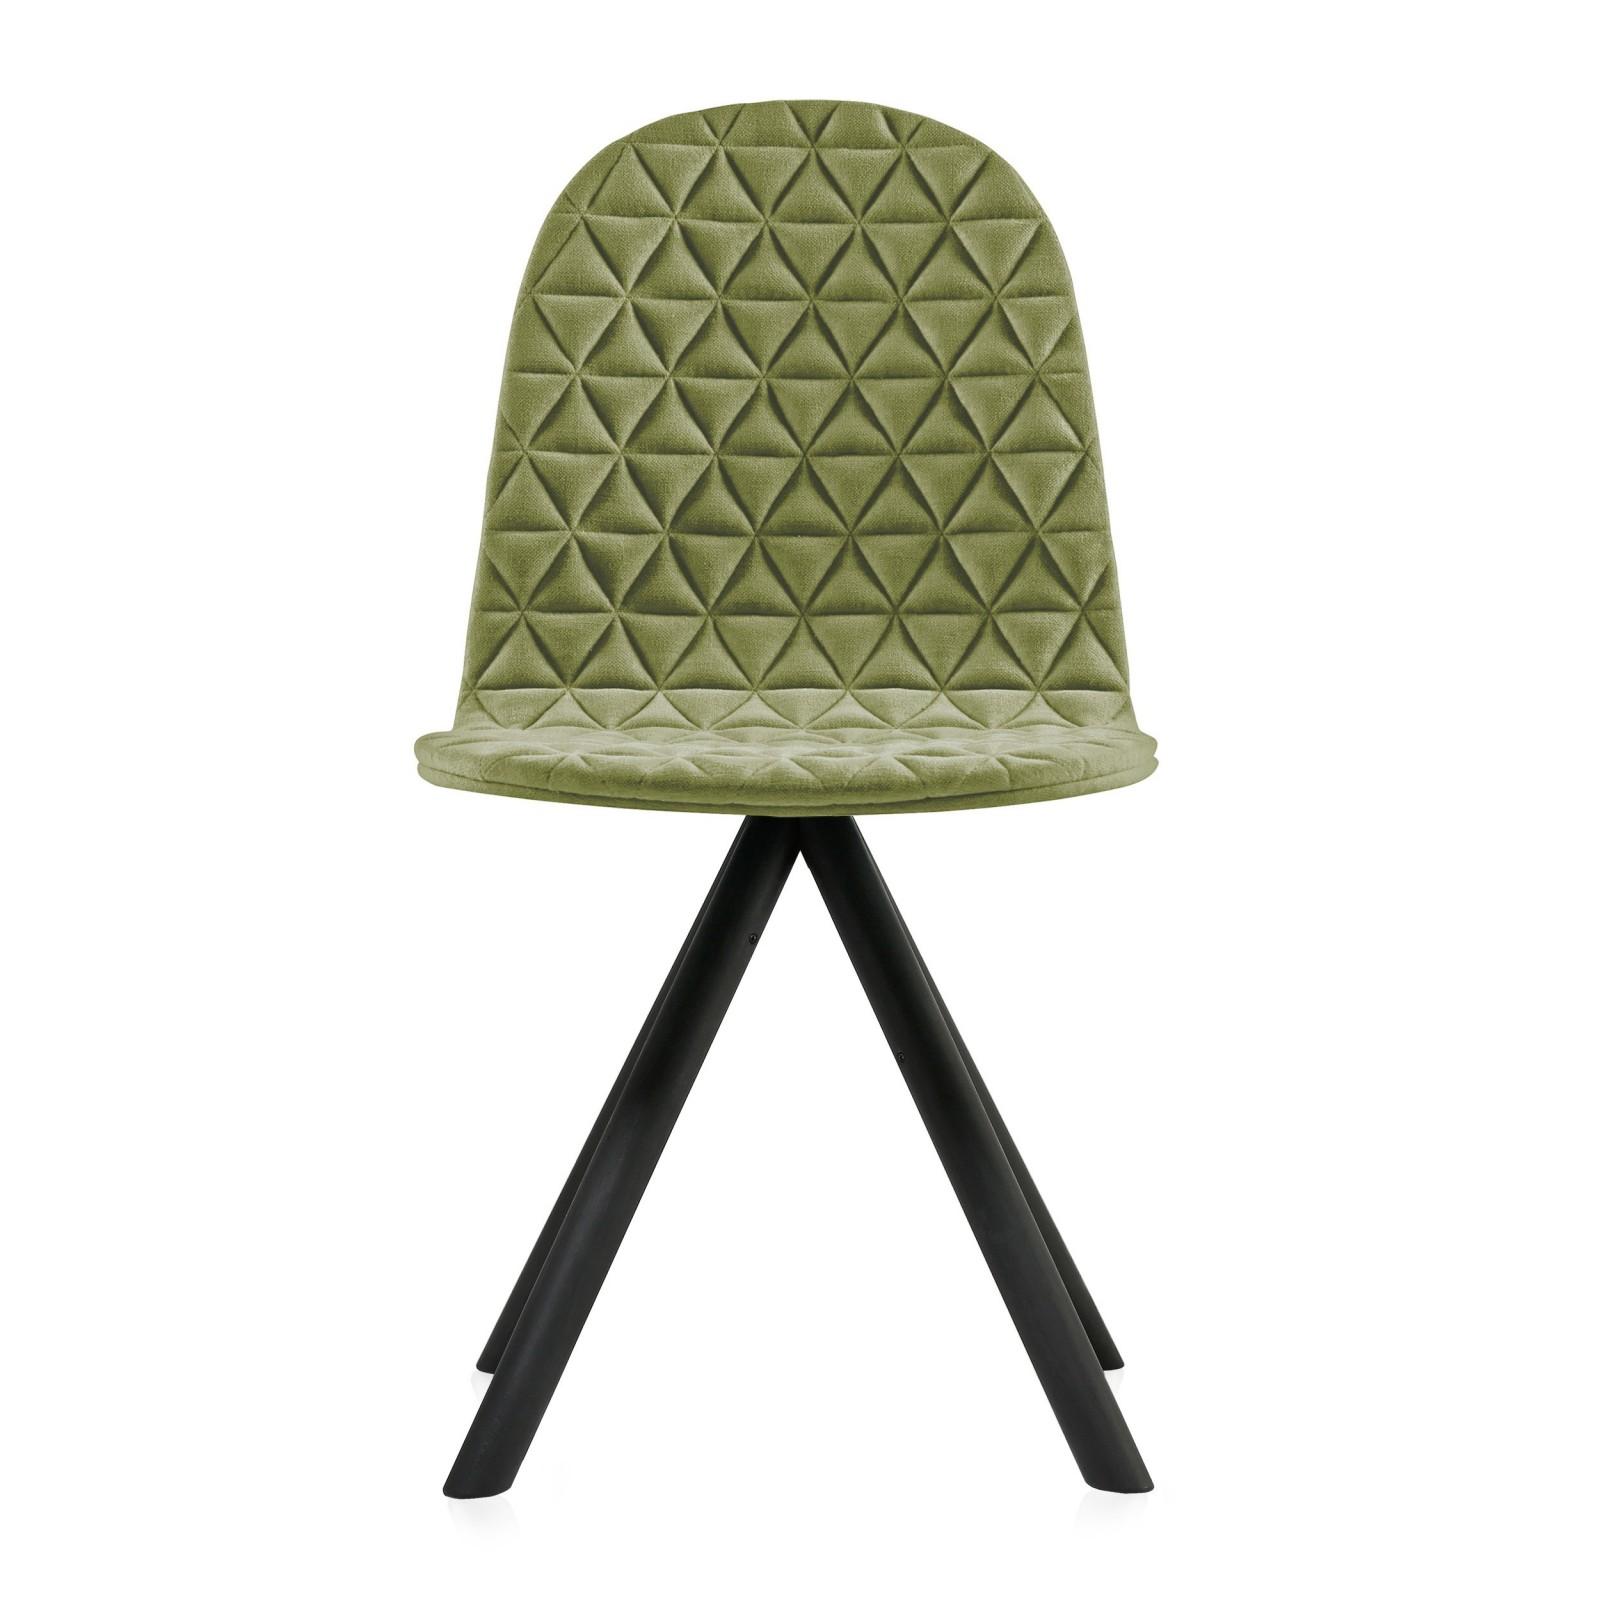 Mannequin chair - 01 - light green